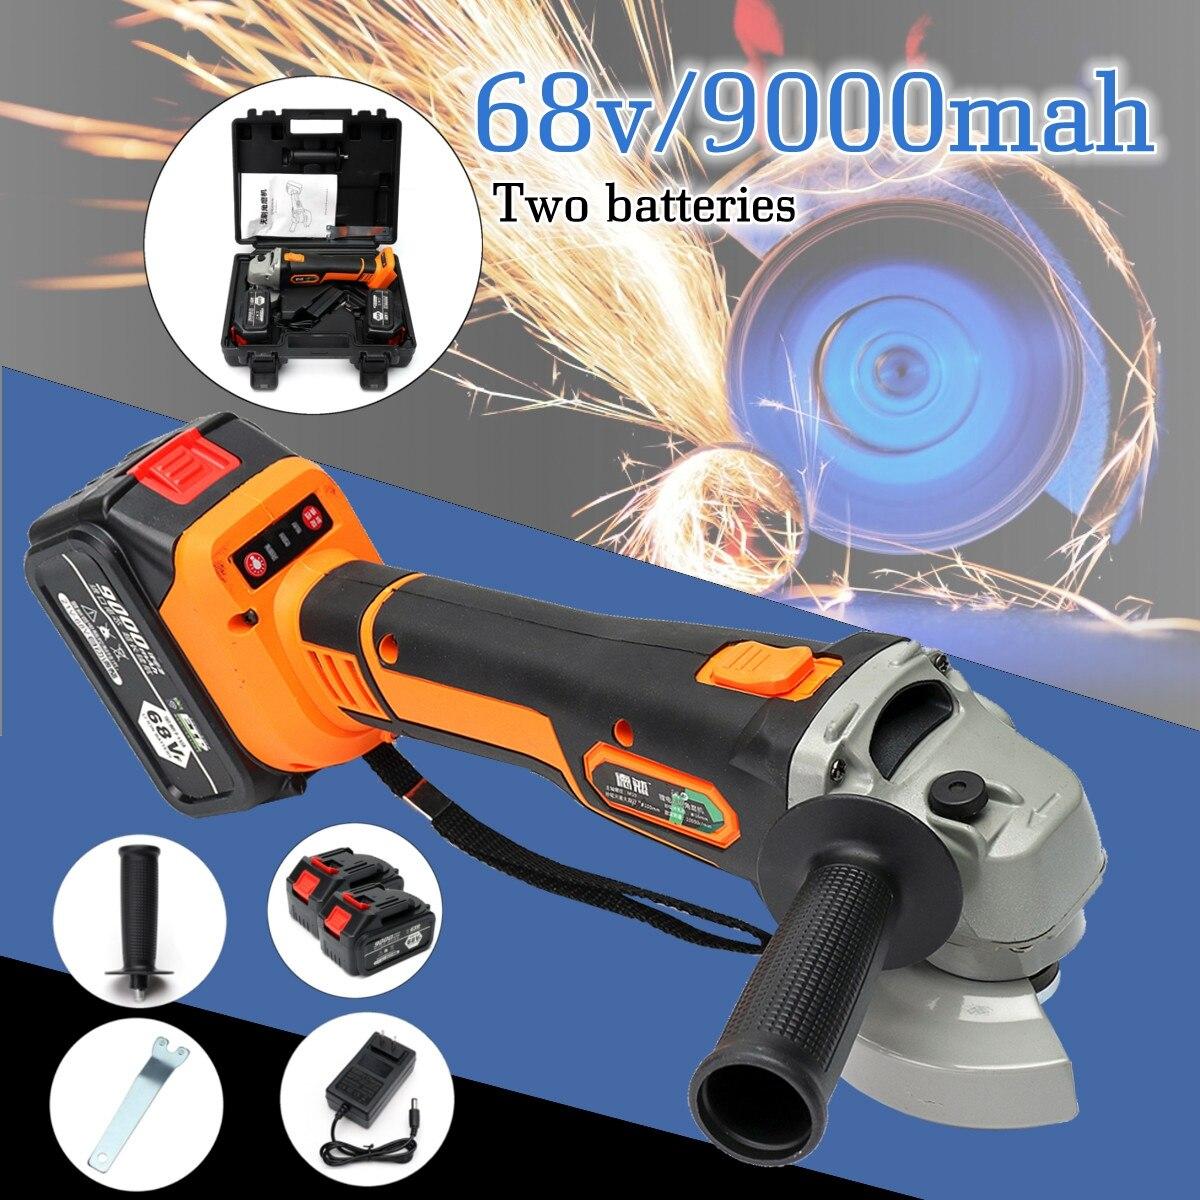 68vf 9000 mah Elettrico Angle Grinder Lucidatrice Lucidatrice Lucidatura Macchina Utensile Da Taglio Con un caricatore e 1/2 Batteria